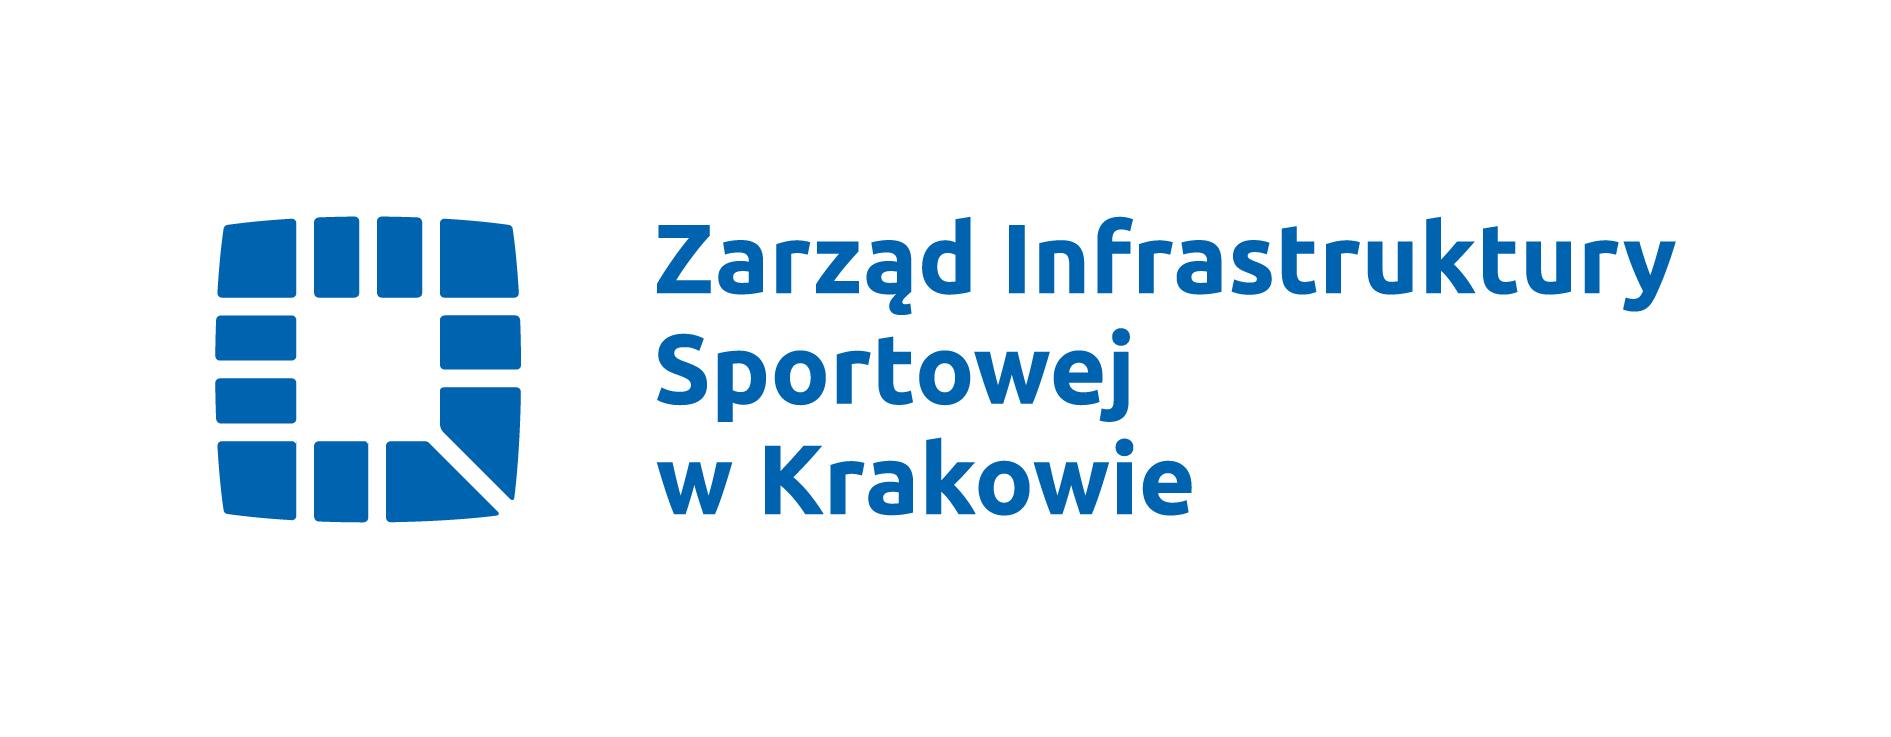 Zarząd Infrastruktury Sportowej w Krakowie